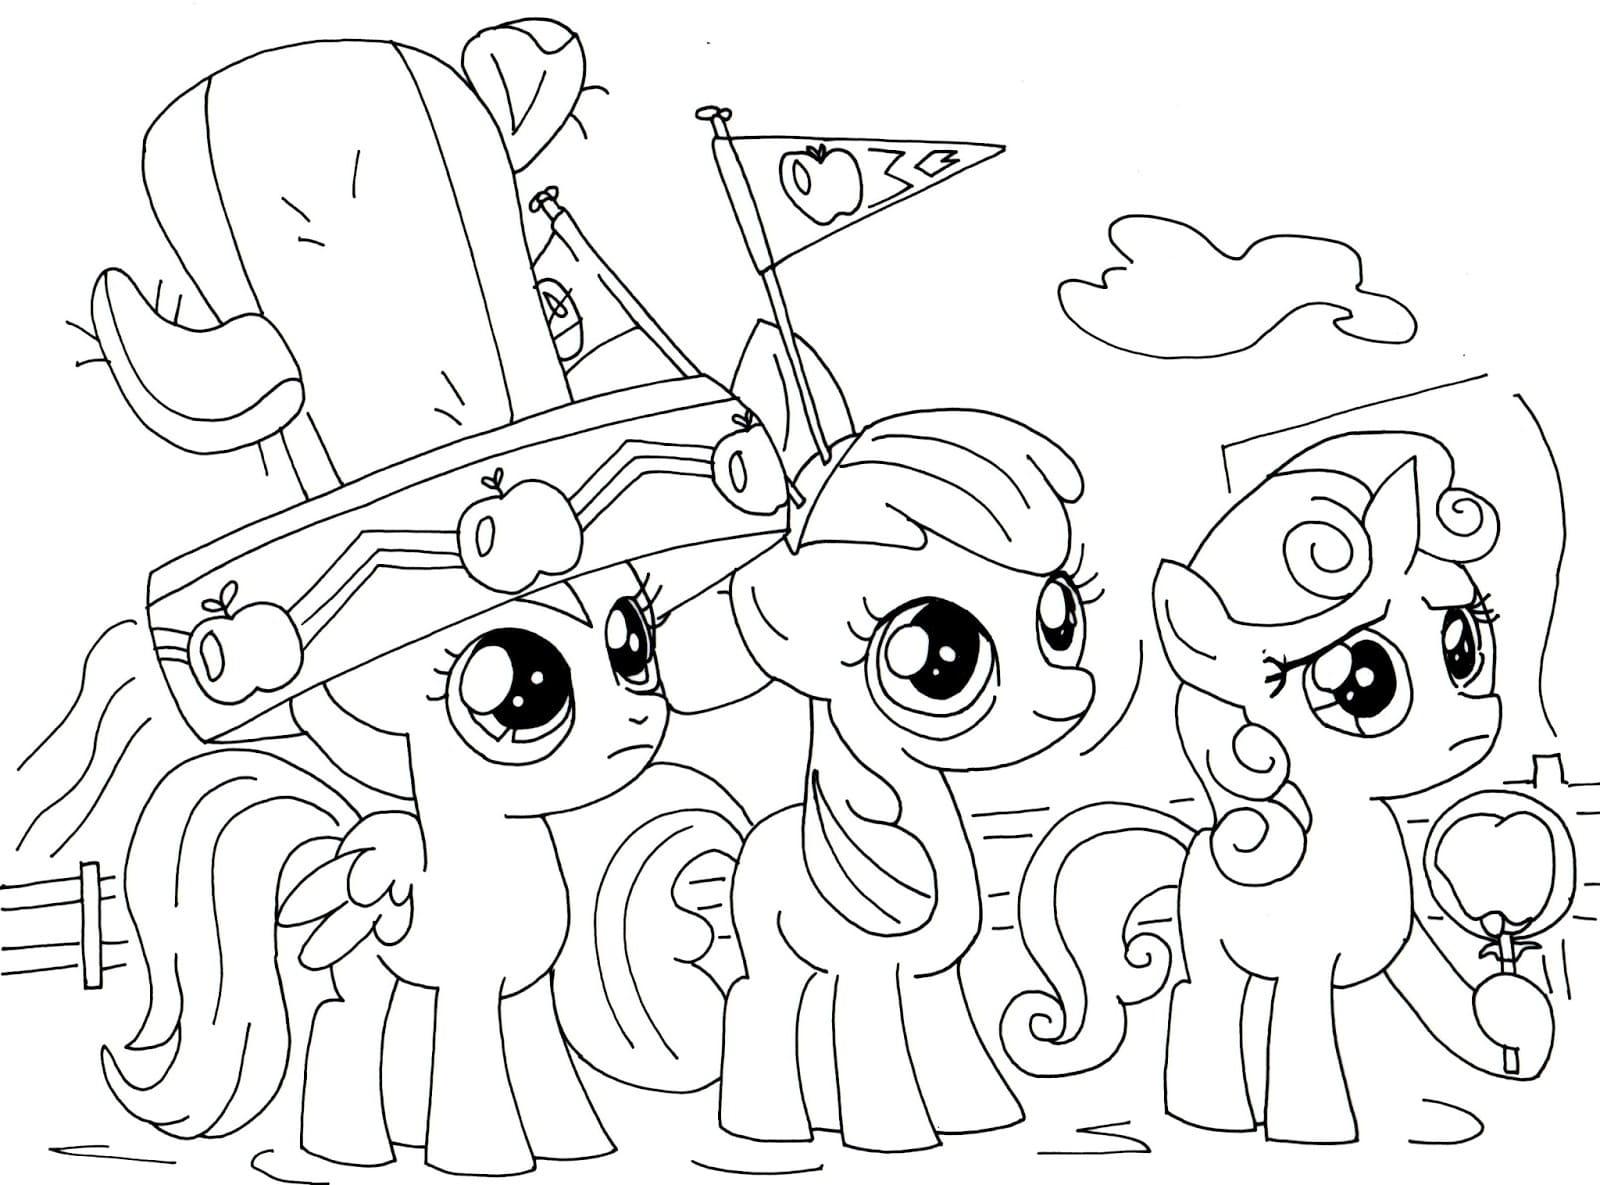 ausmalbilder my little pony zum ausdrucken  wonder day